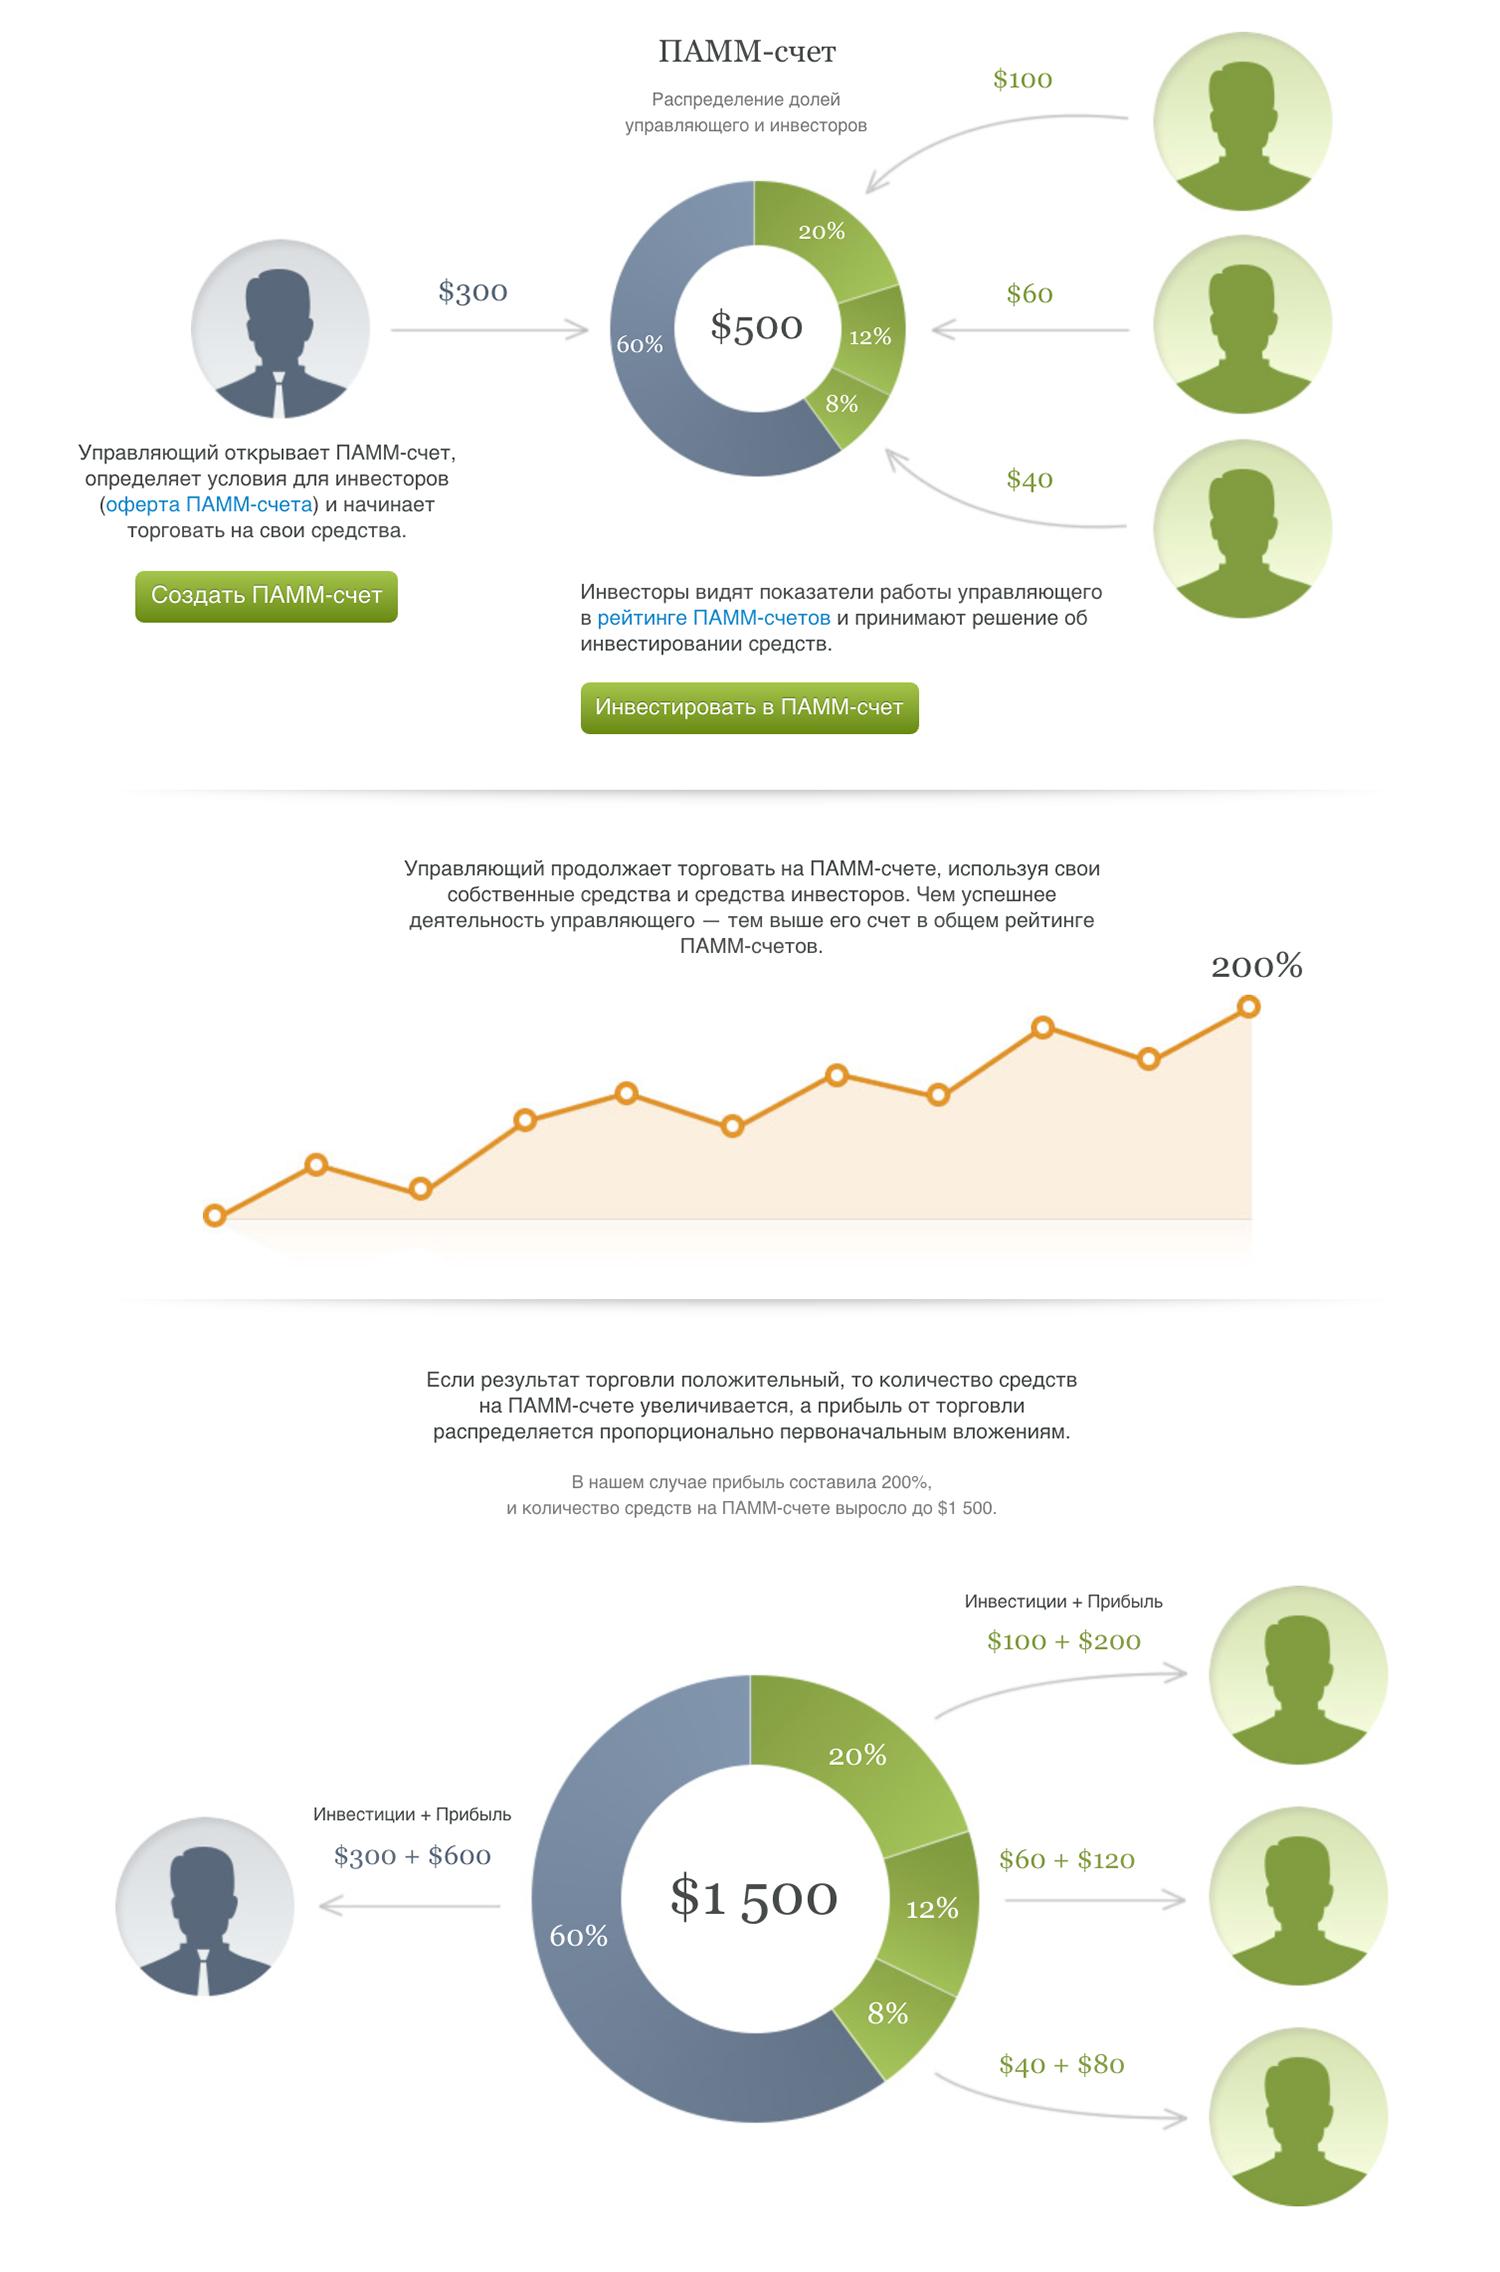 Описание ПАММ-счетов на сайте компании «Альпари»